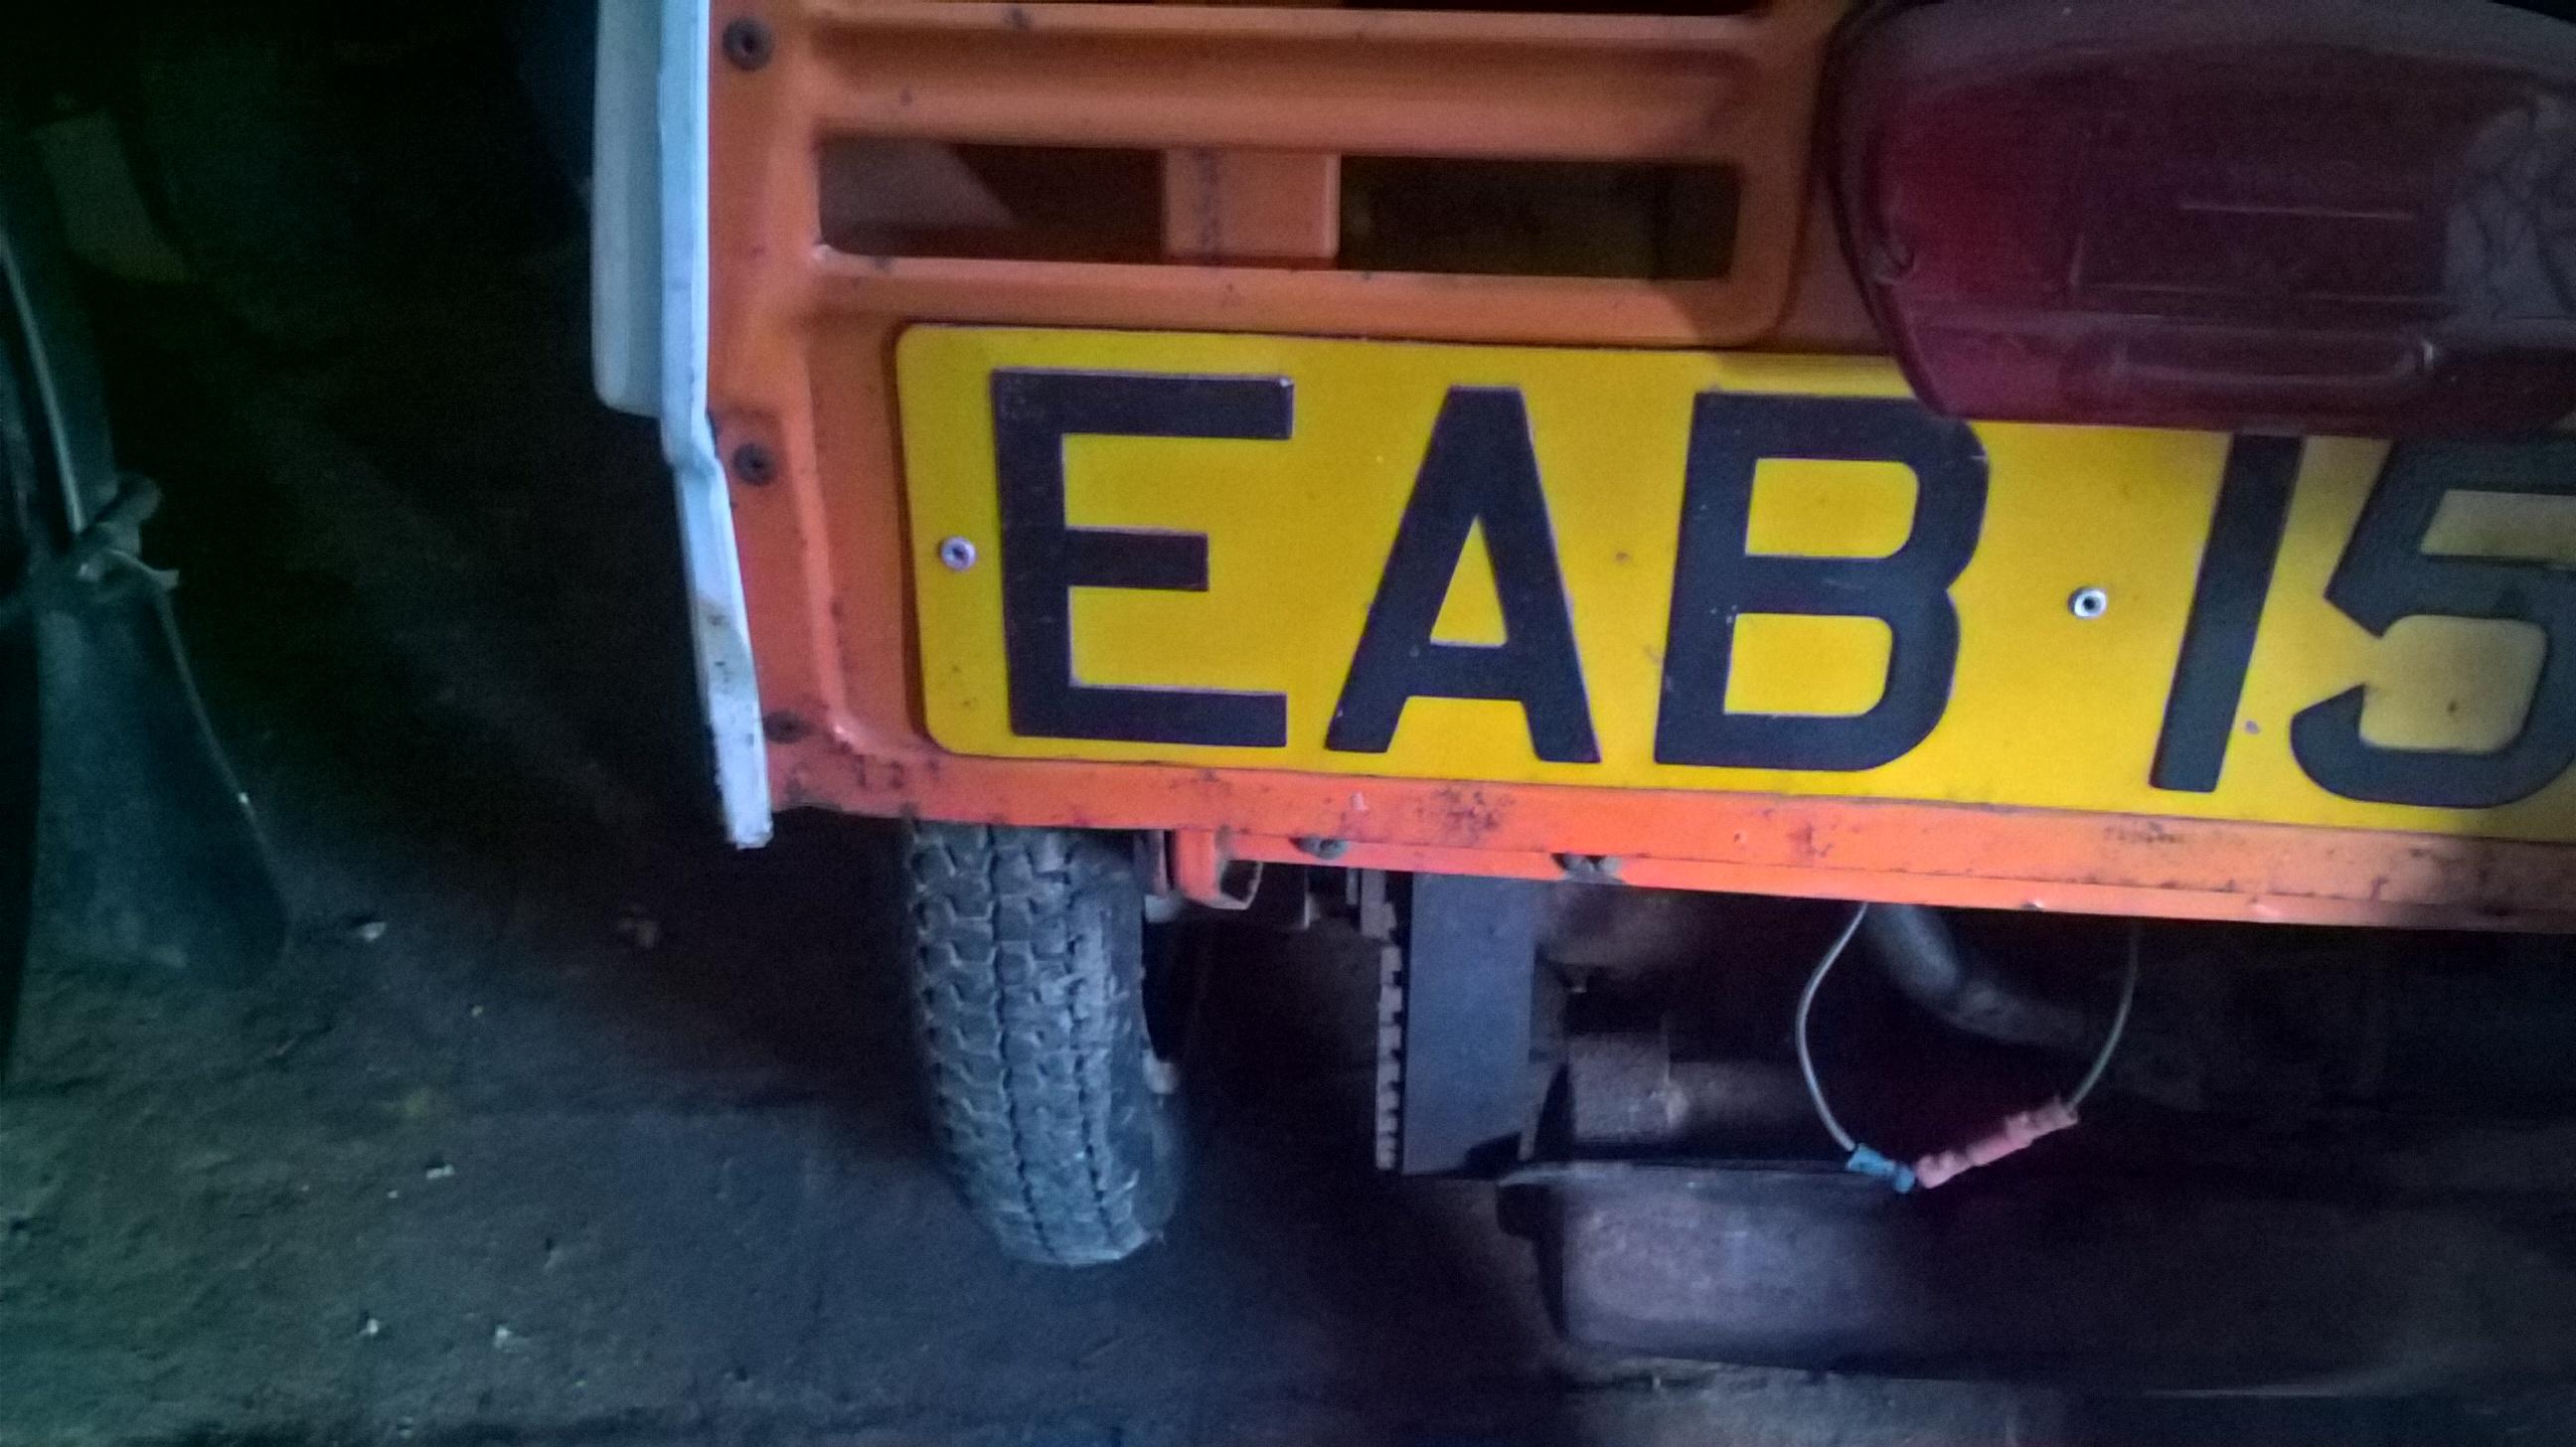 EAB 152 J